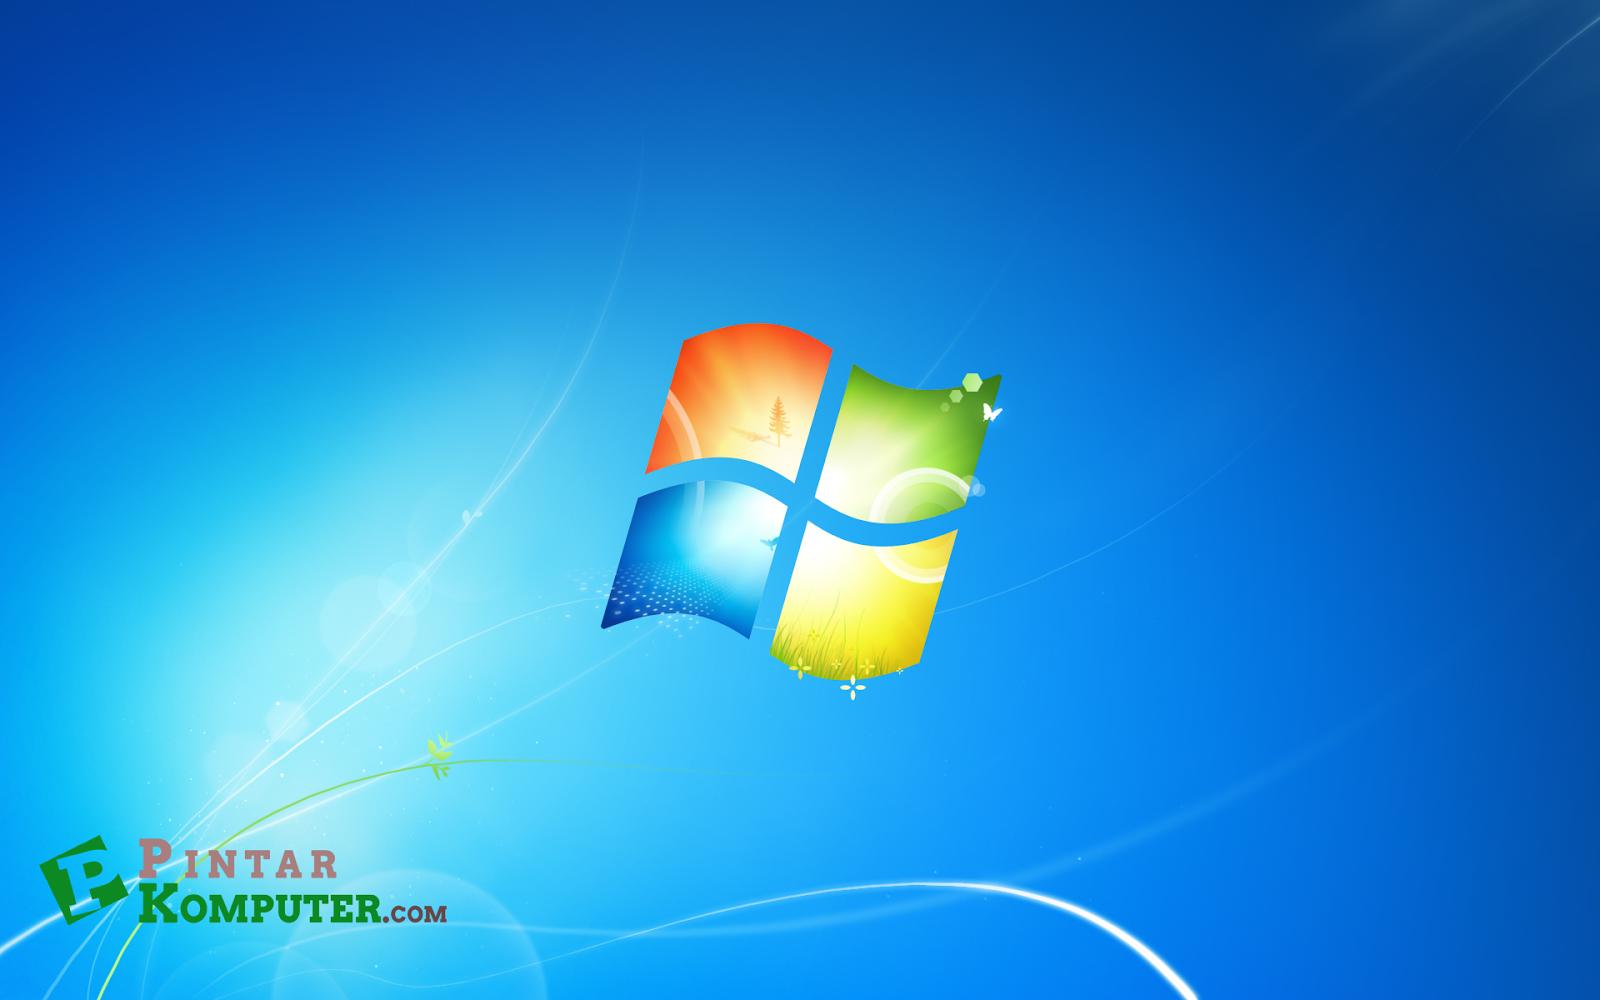 Cara Mudah Menginstall Windows 7 Lengkap dengan Gambar - Pintar ...